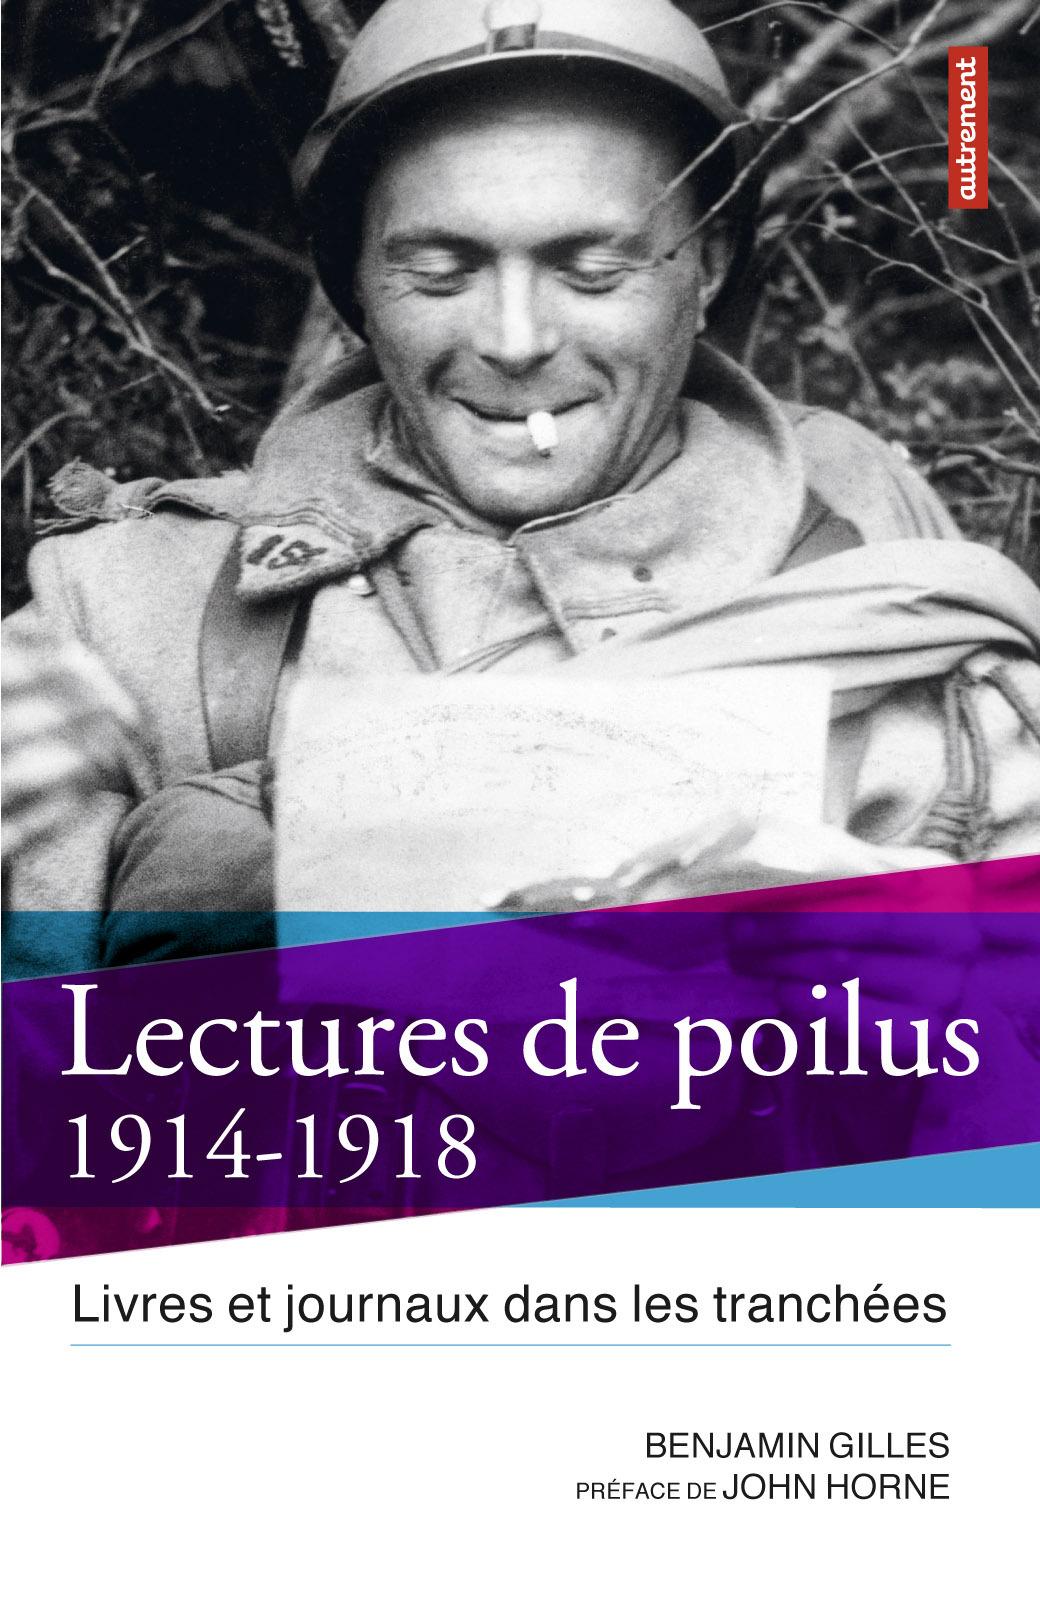 Lectures de poilus, LIVRES ET JOURNAUX DANS LES TRANCHÉES, 1914-1918